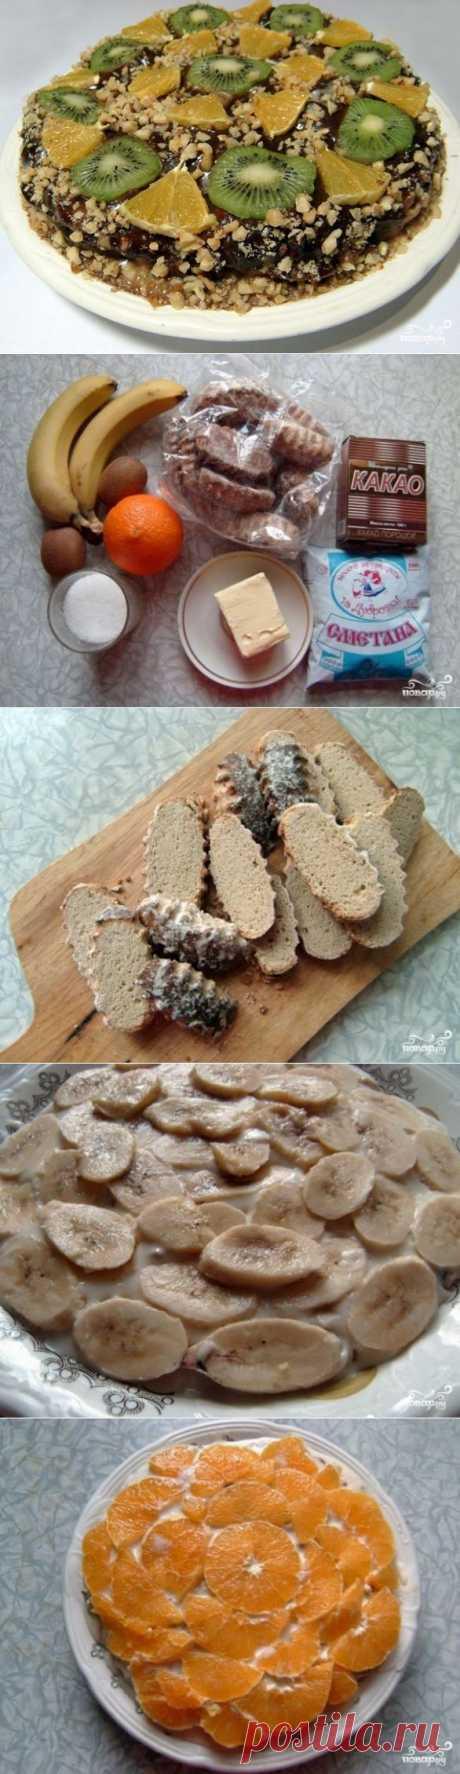 Торт из пряников без выпечки - пошаговый кулинарный рецепт на Повар.ру